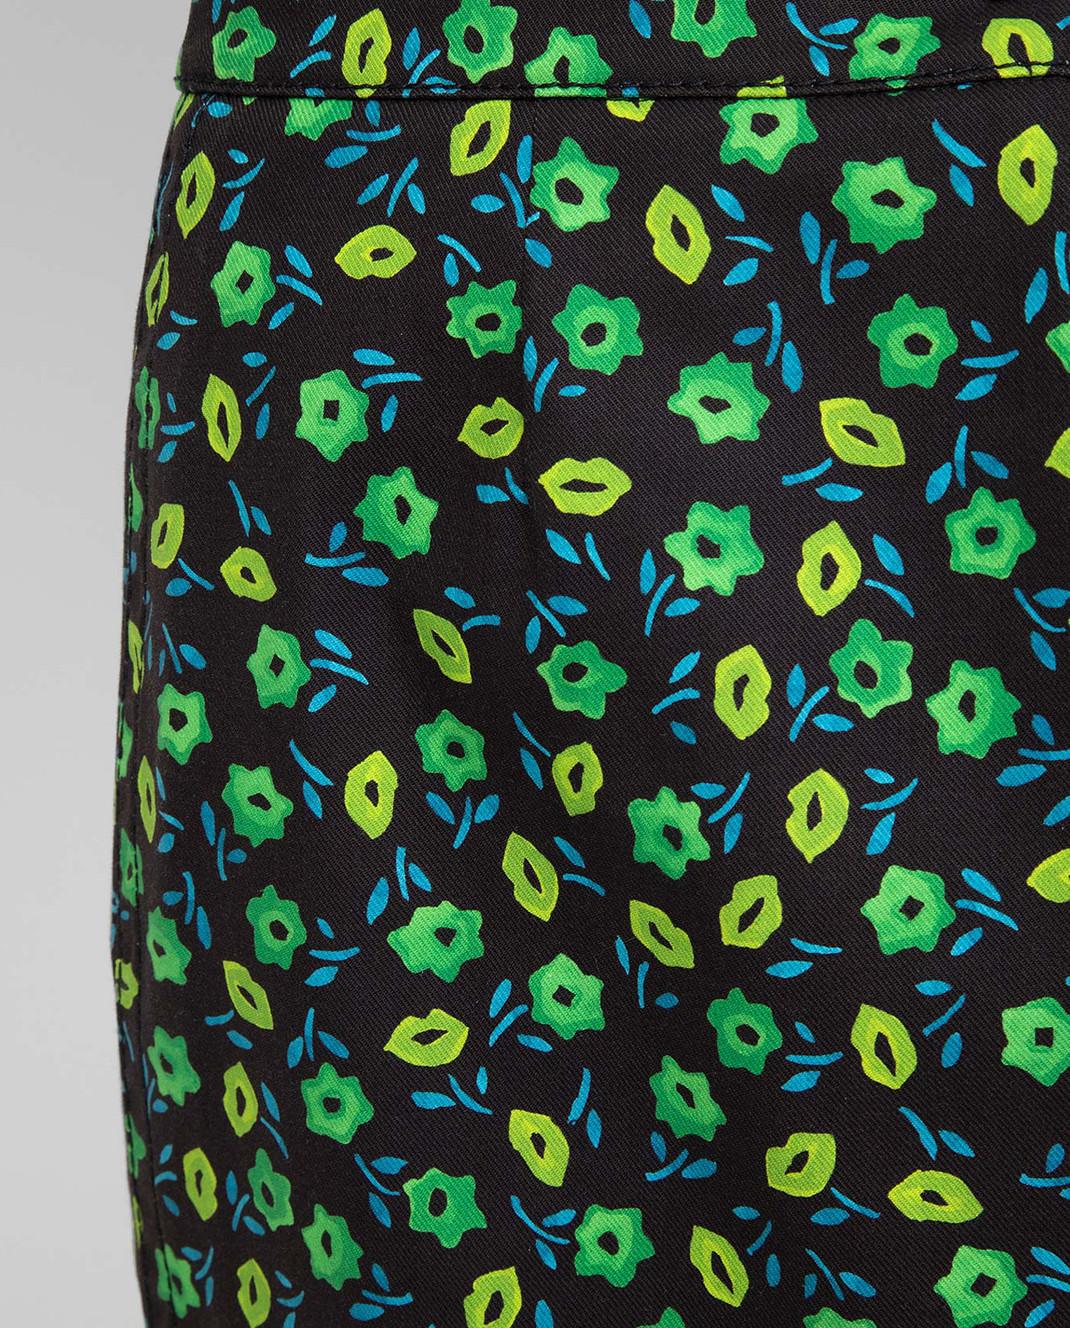 Prada Sport Черная юбка GFD085 изображение 5